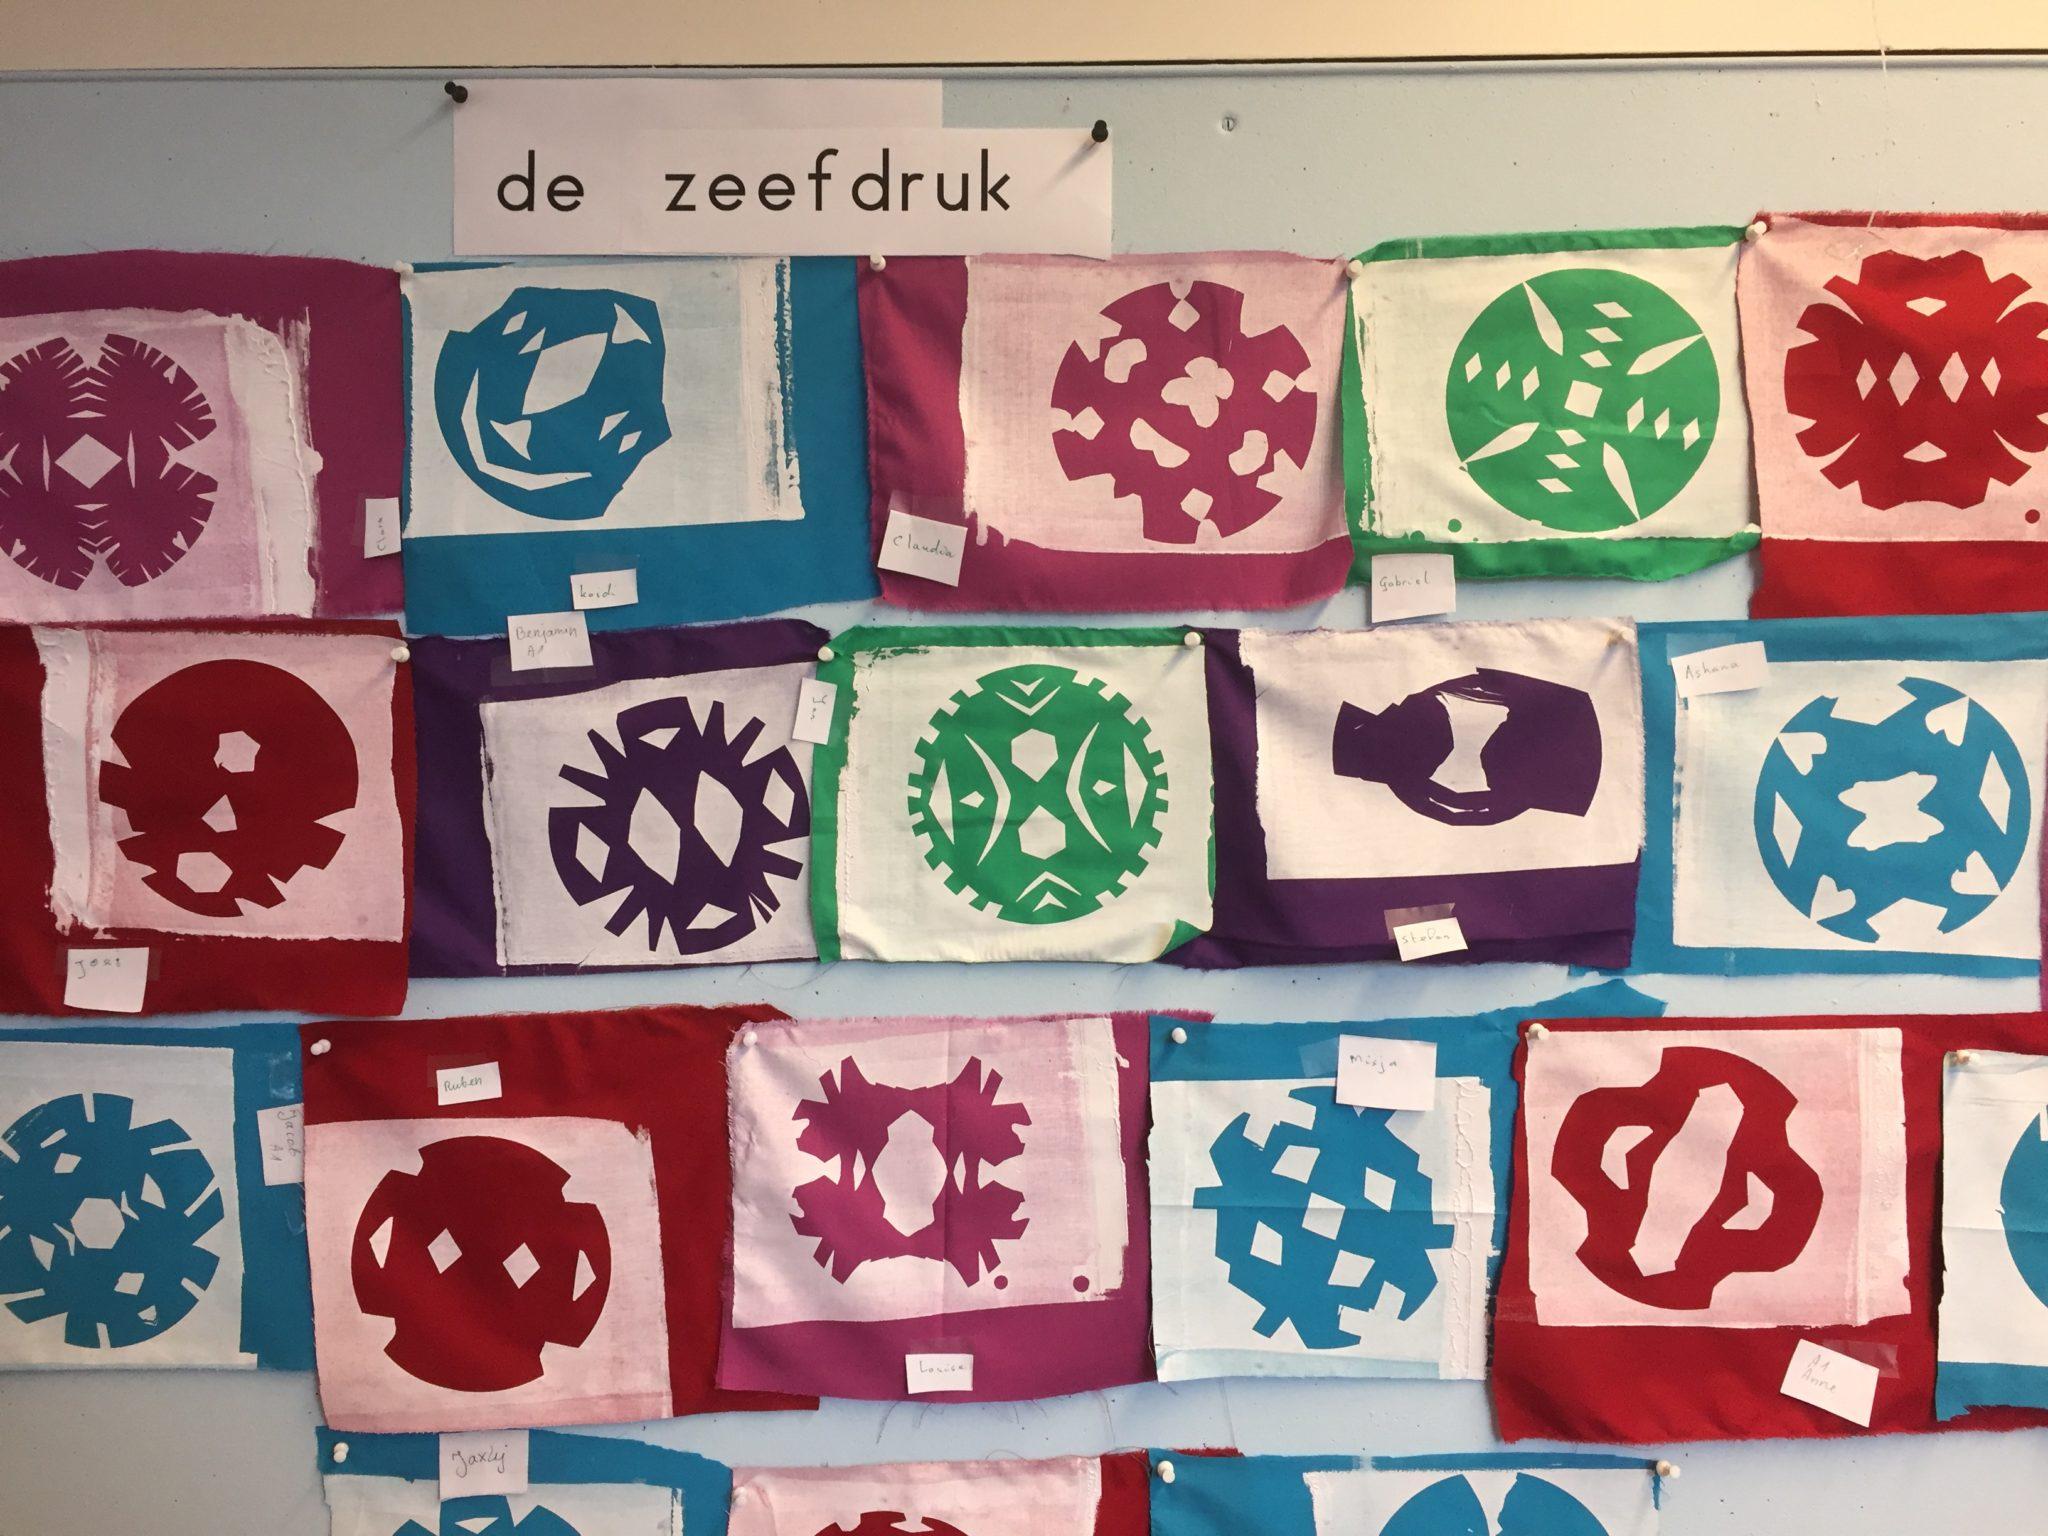 zeefdrukken in de klas, kunstpost kunstenaar in de klas coh